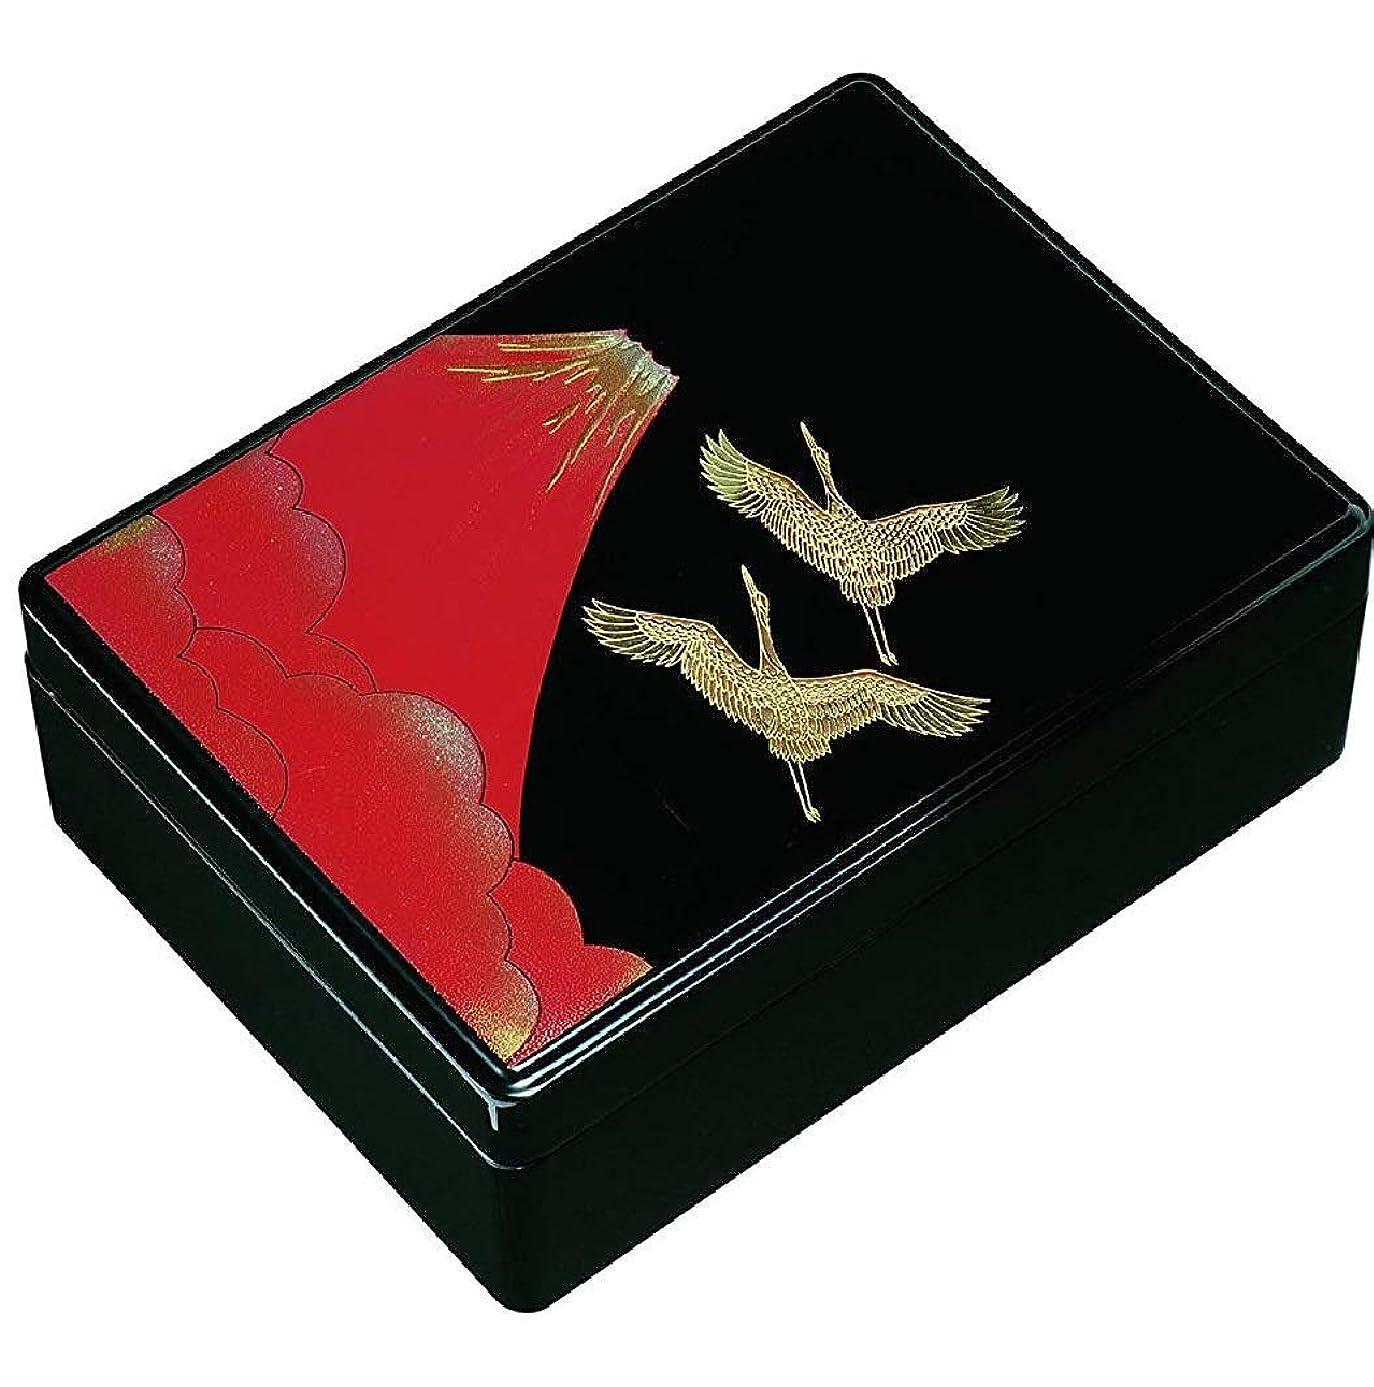 アラバマ敬の念ノベルティ21-83-9 11.0DX合口文庫 赤富士&盛絵鶴(内梨地)